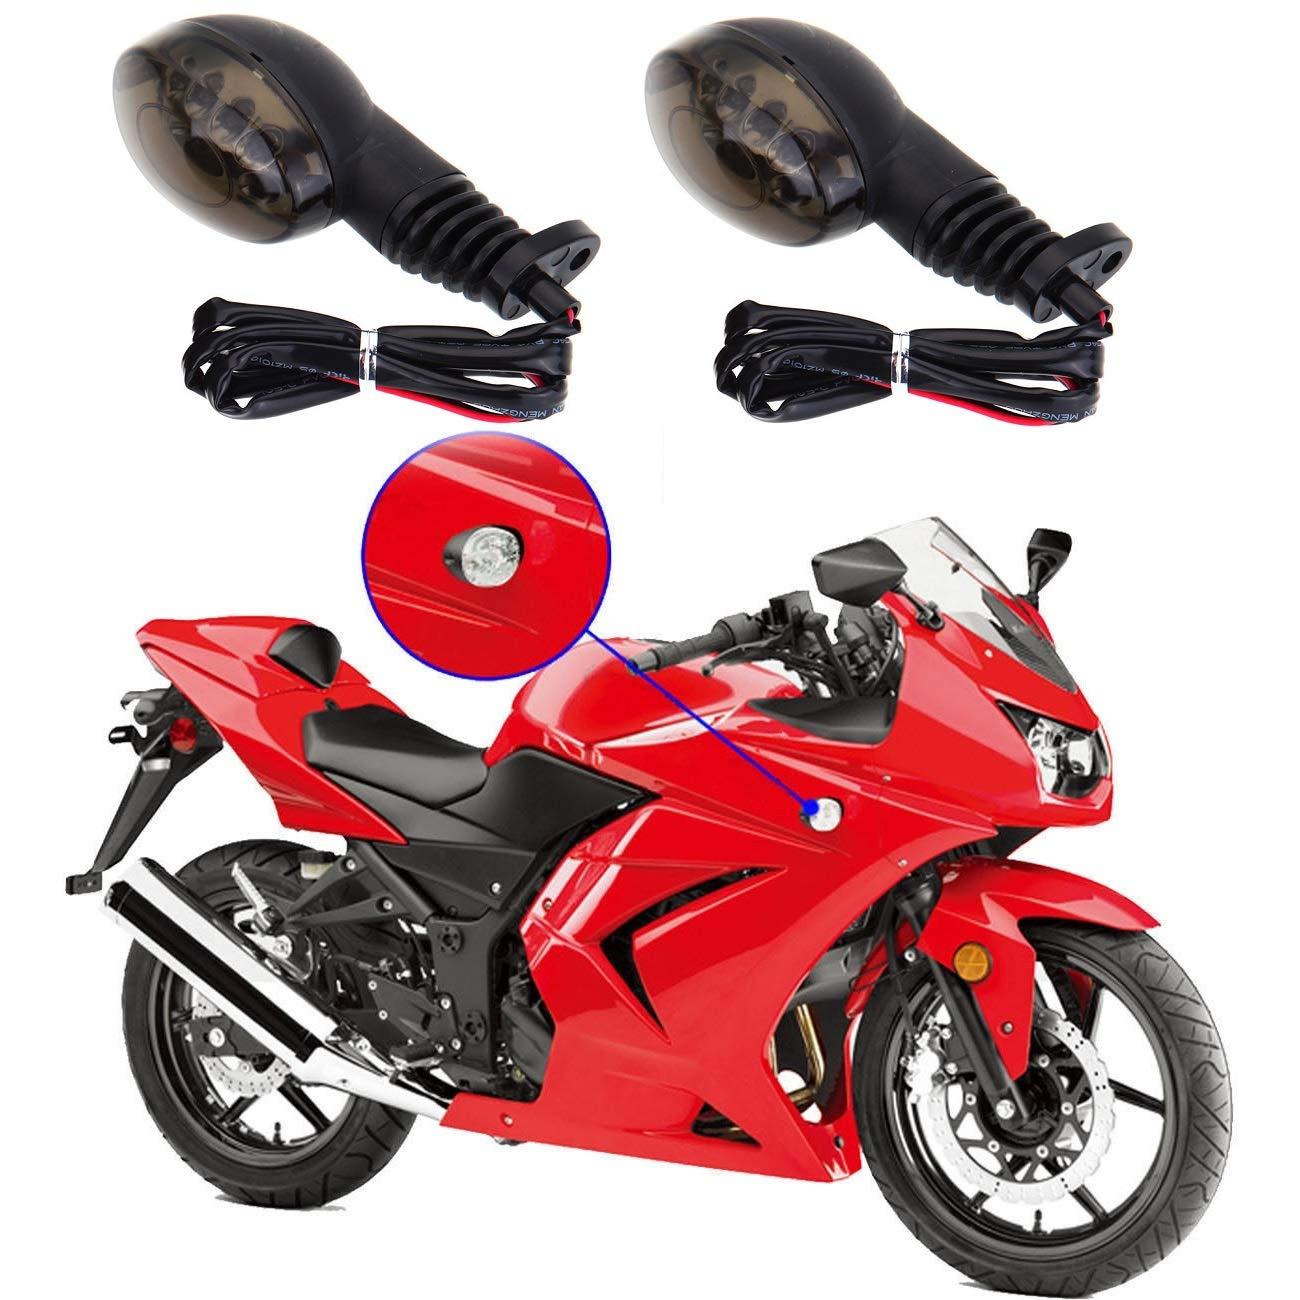 LED Turning Signals Blinker Light For Kawasaki KLX250SF 2009-2011 #2 Color